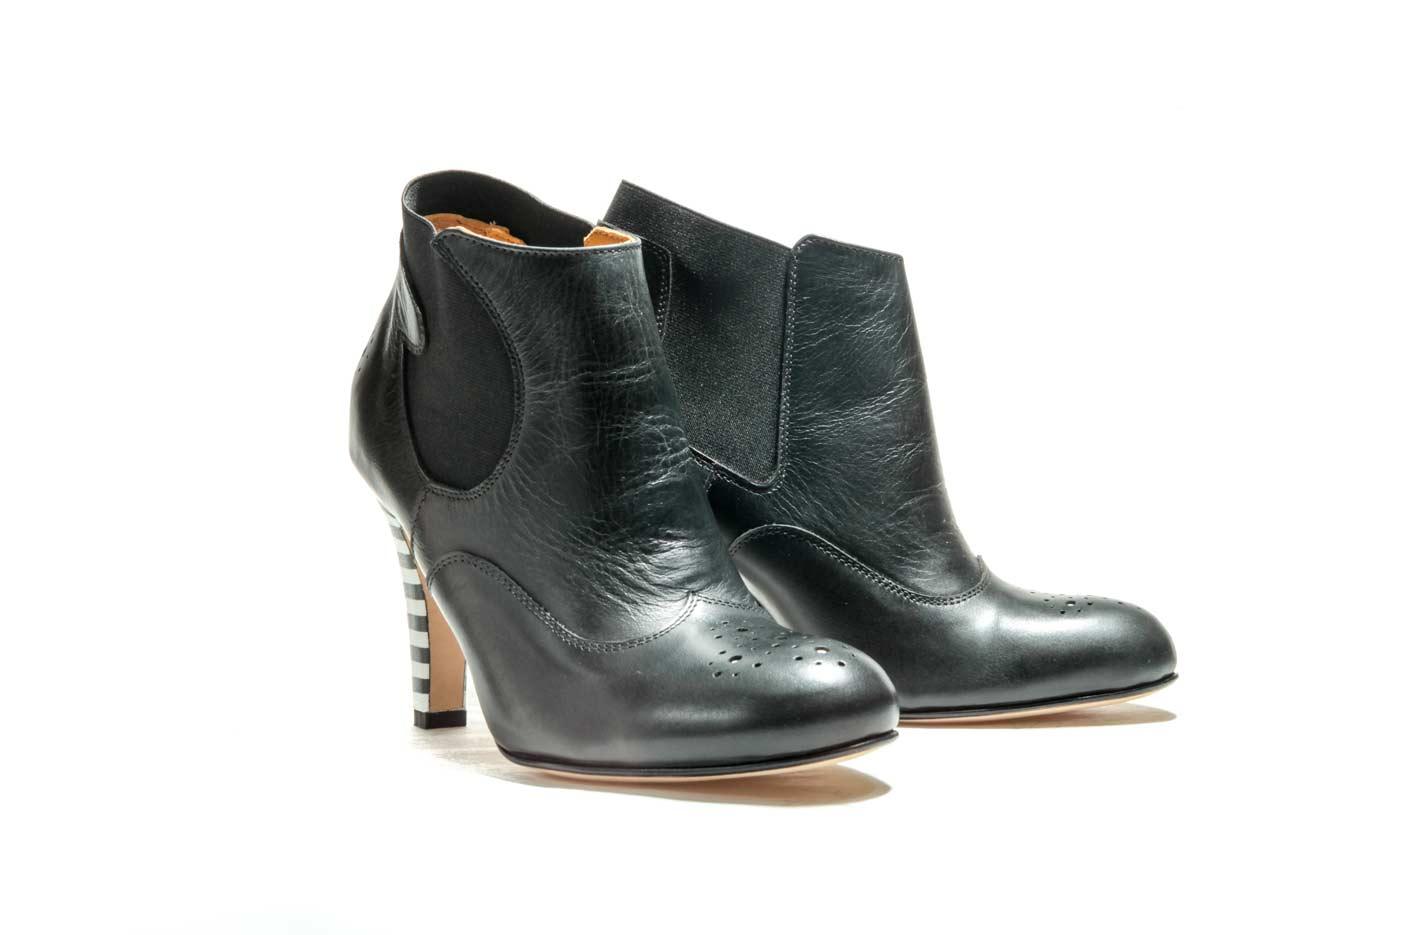 Black chelsea heels boots | Handmade